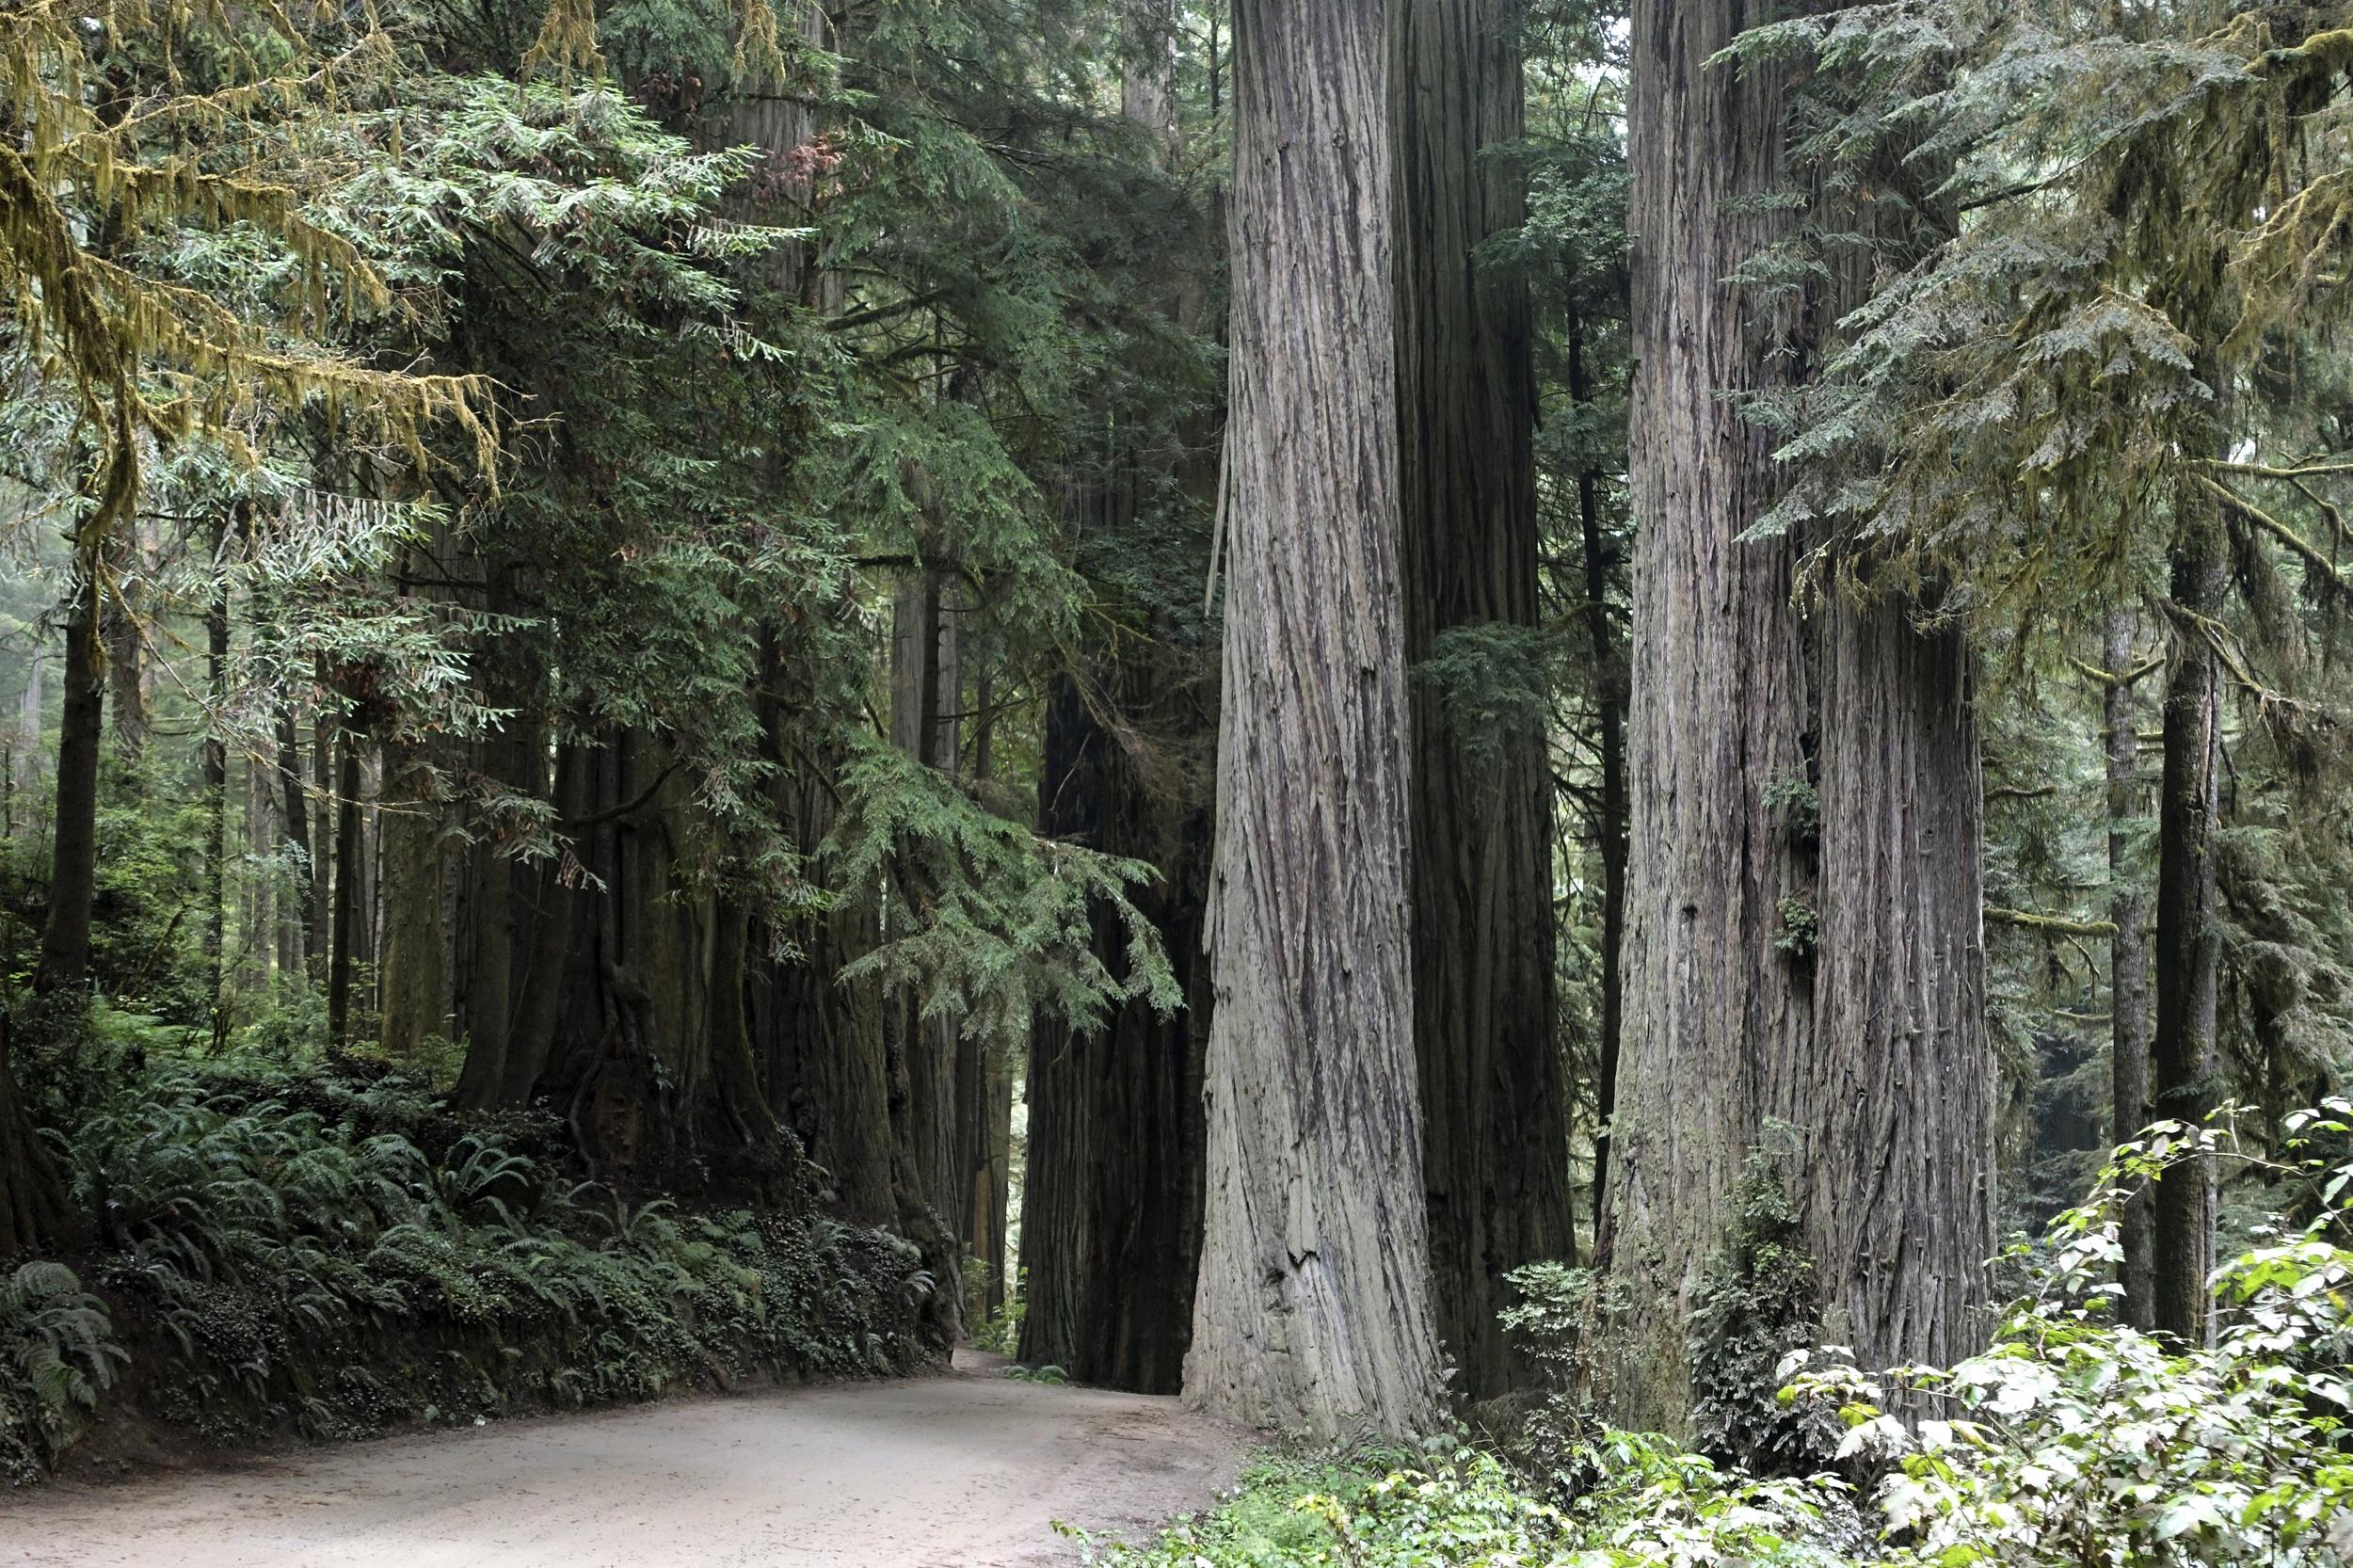 210331-jedediah-smith-redwoods-state-par